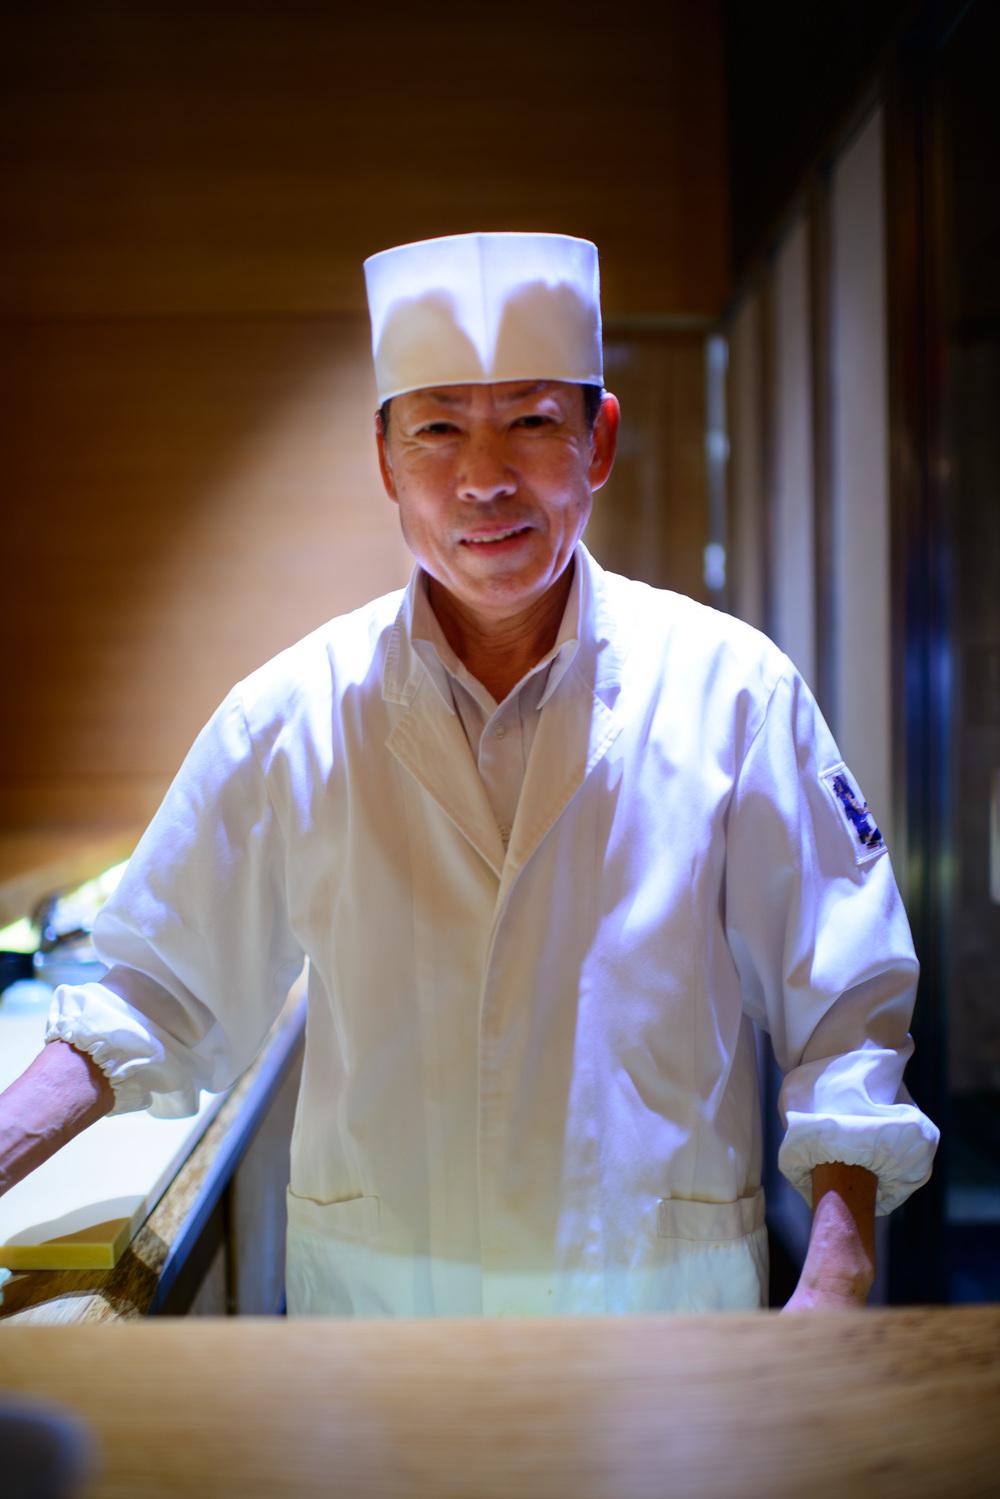 Chef Eiji Ichimura